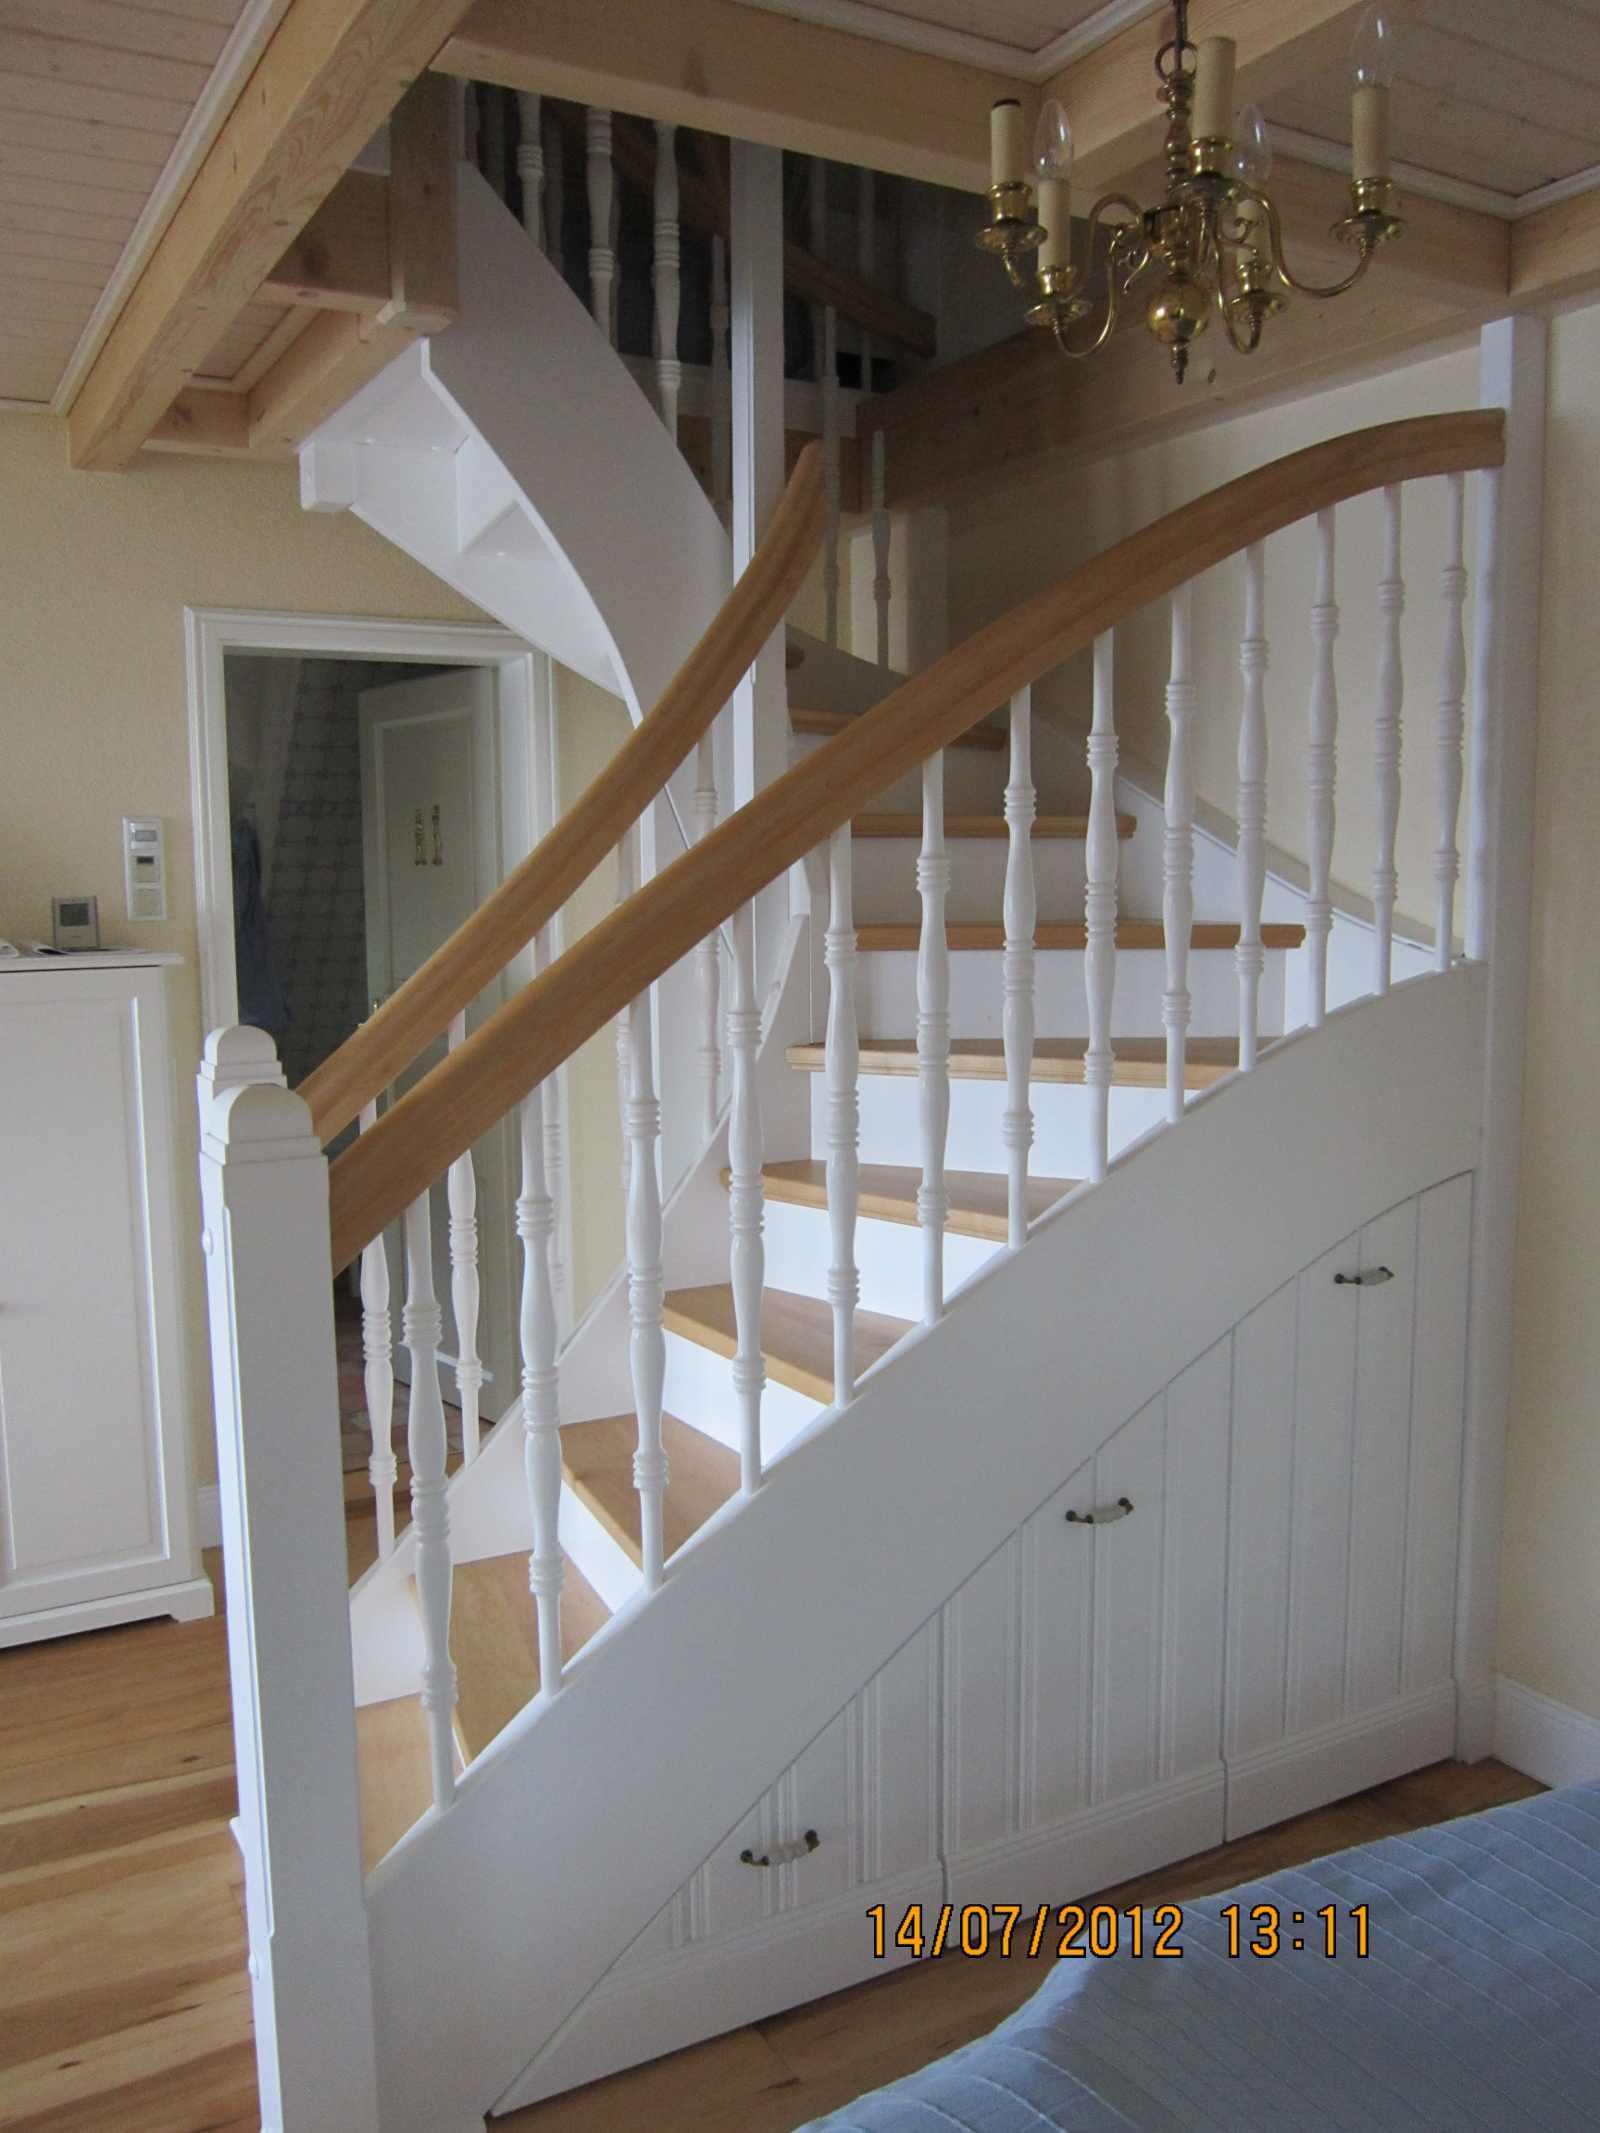 t2 - Treppen